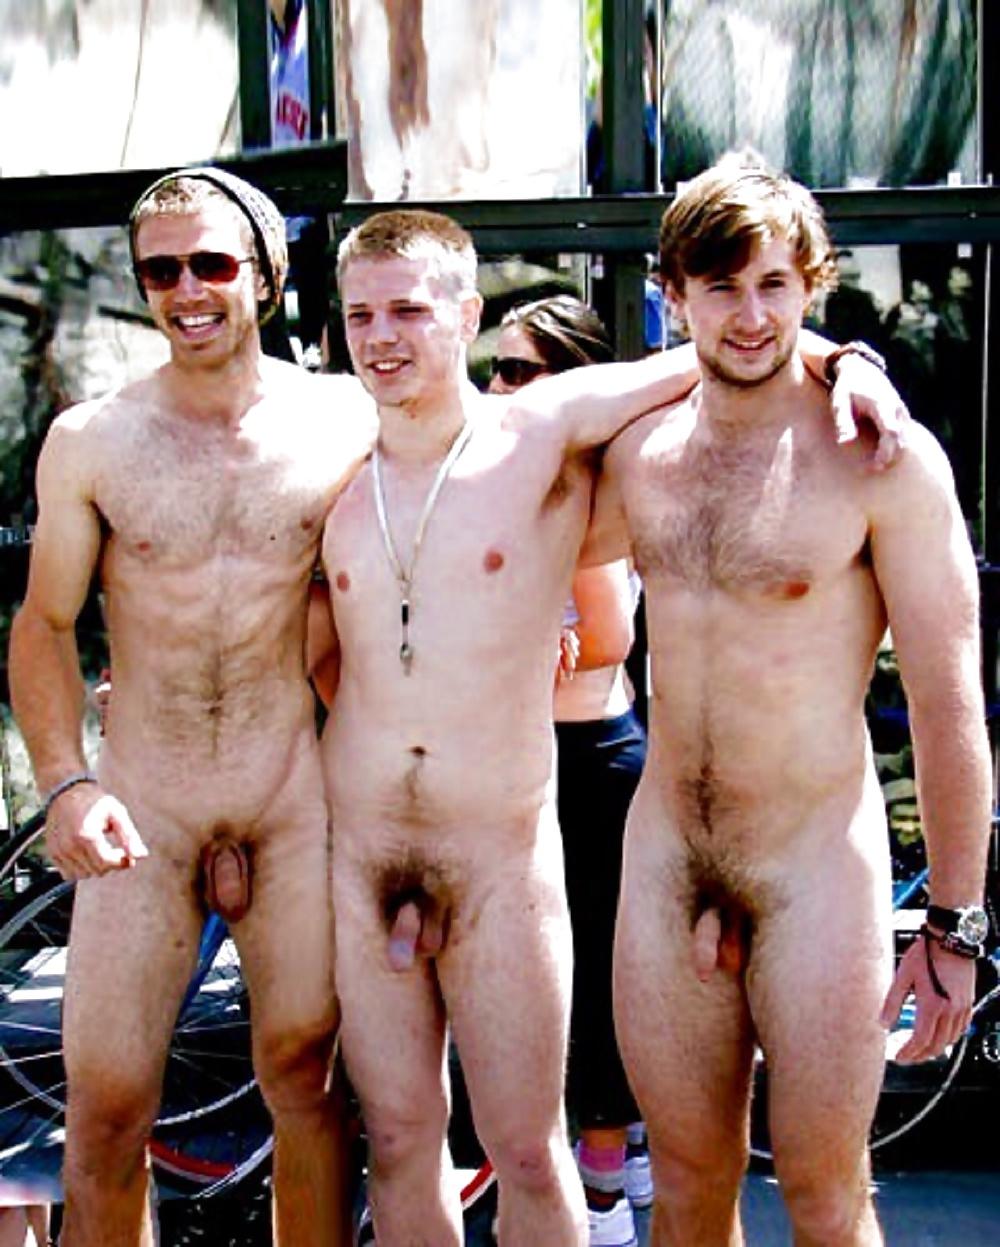 Skinny gay boys, homo pics